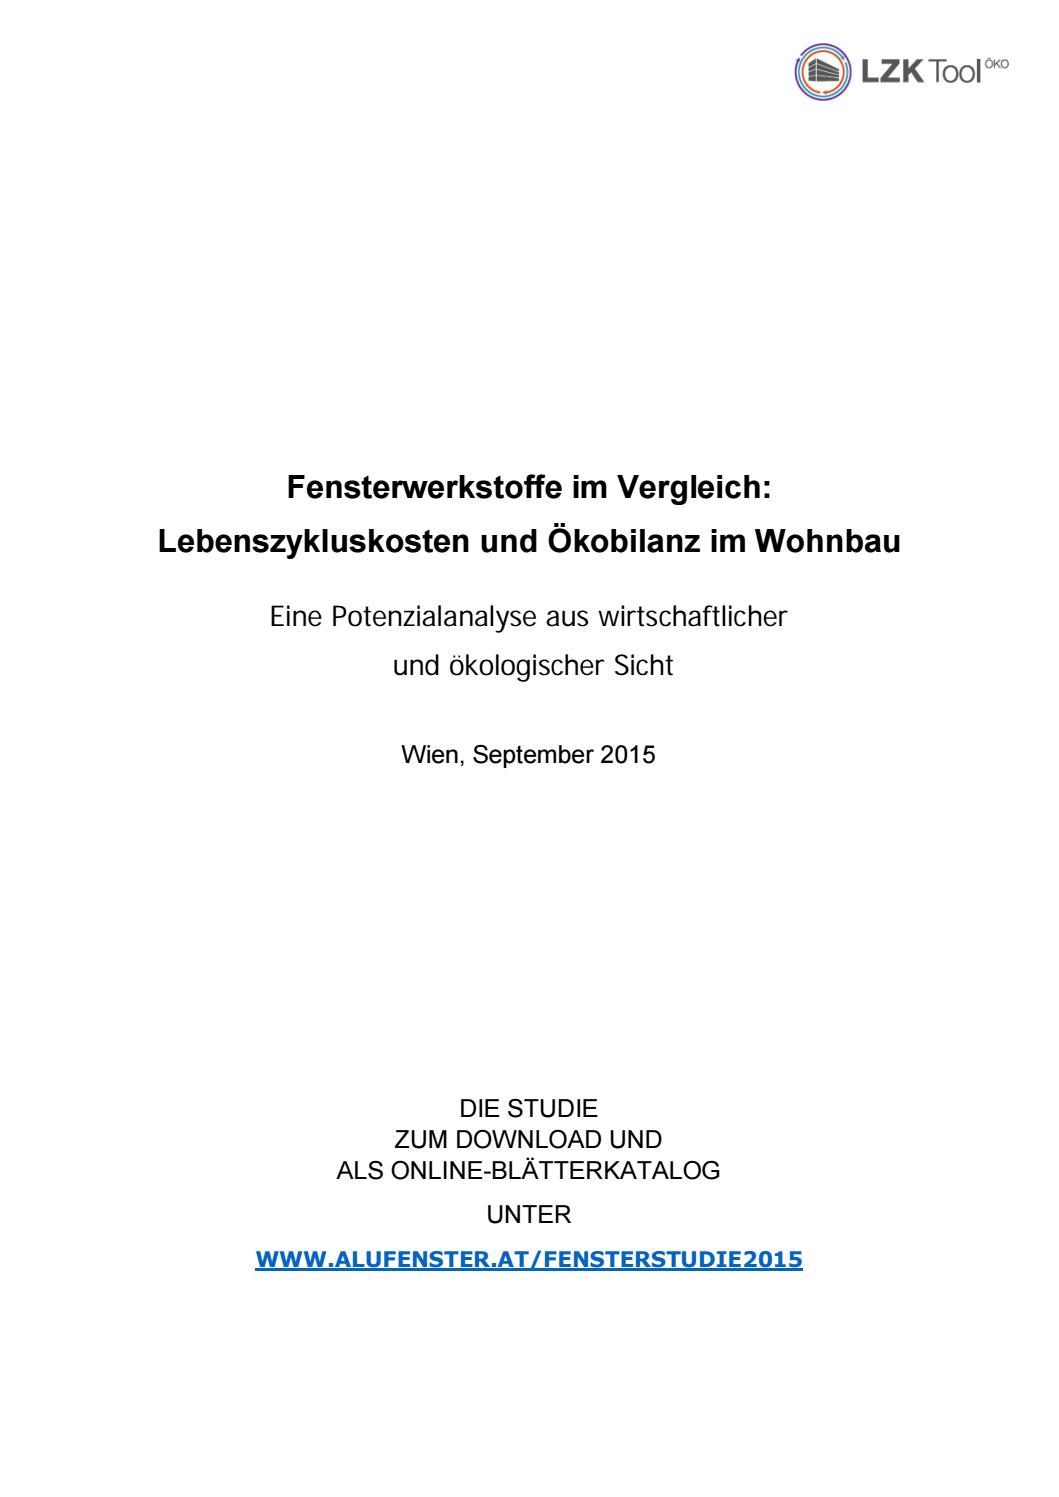 Aluminium Fenster Institut Vergleich Fensterwerkstoffe By